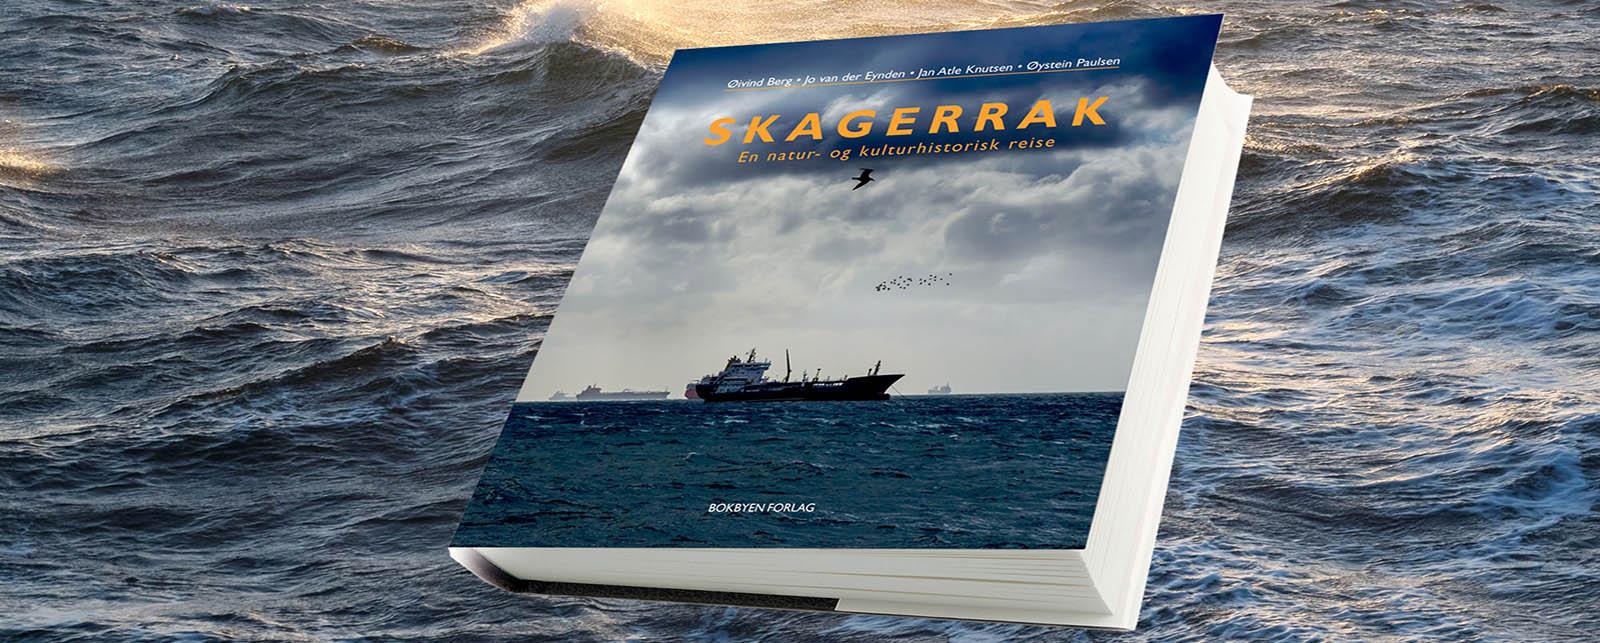 SKAGERRAK En natur- og kulturhistorisk reise av Øivind Berg, Jo van der Eynden, Atle Knutsen og Øystein Paulsen.